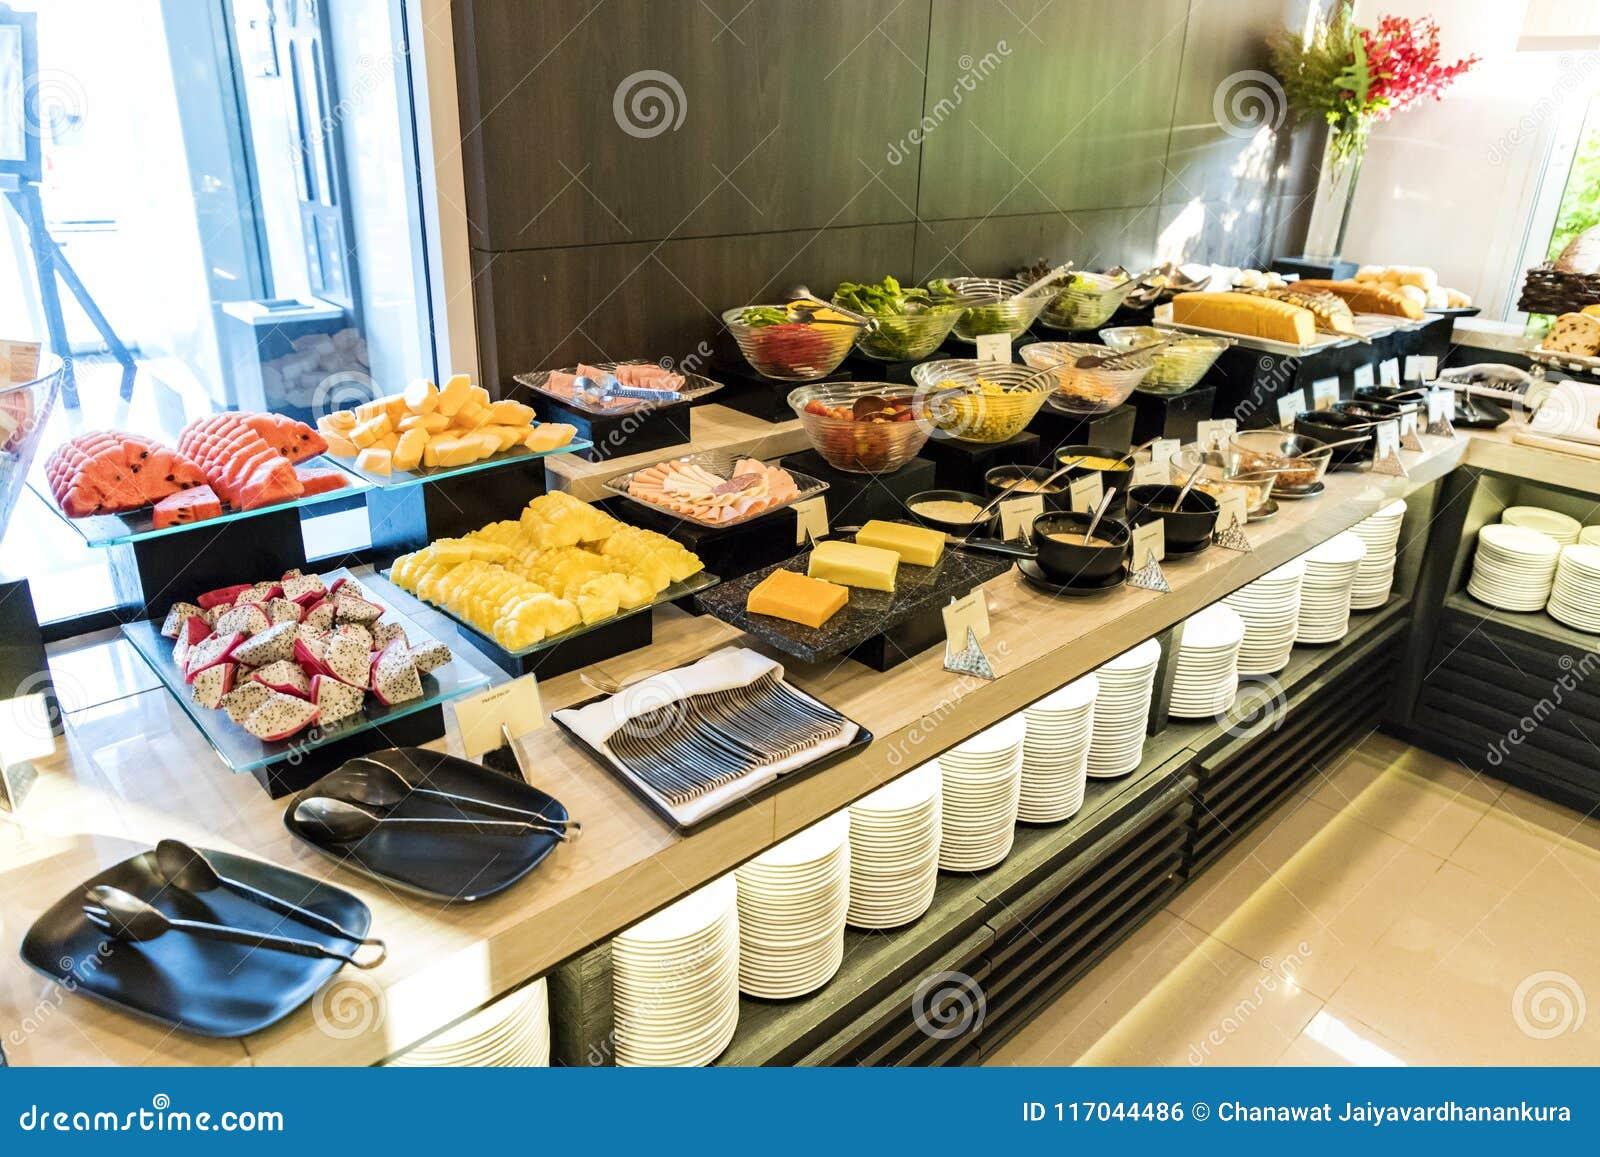 La fruta y el bufete de ensaladas en un hotel golpean la línea